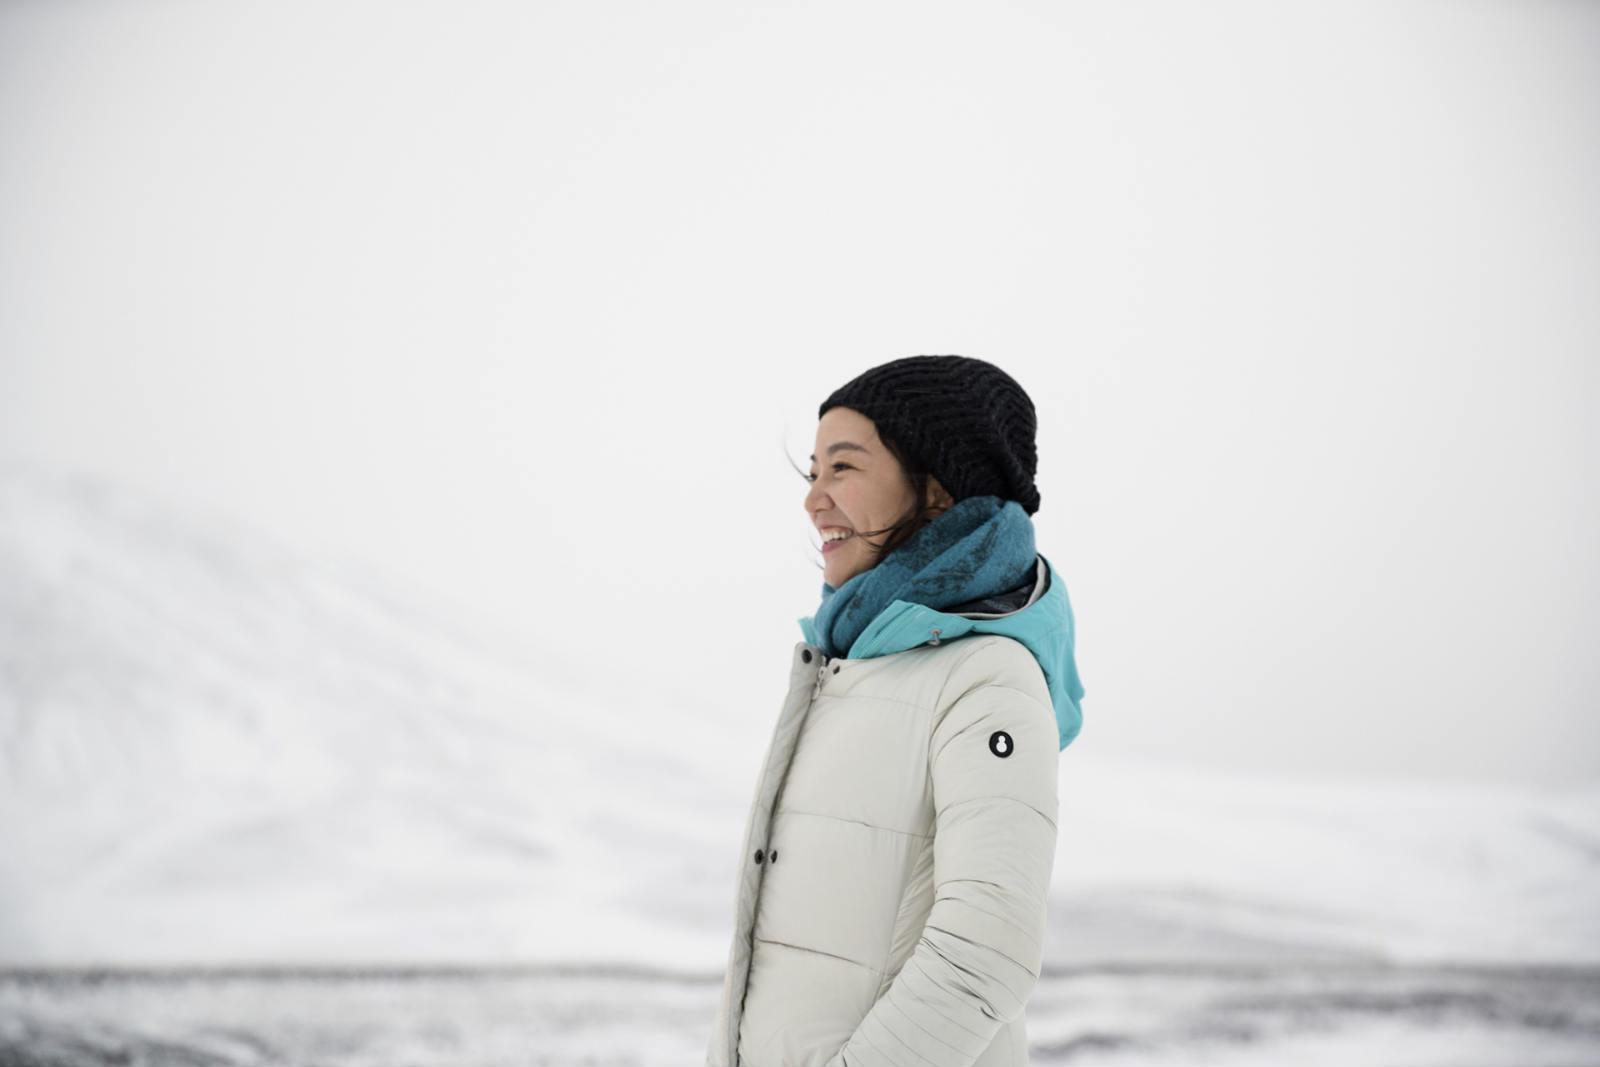 阿雅冰岛徒步 在世界的尽头感叹自然